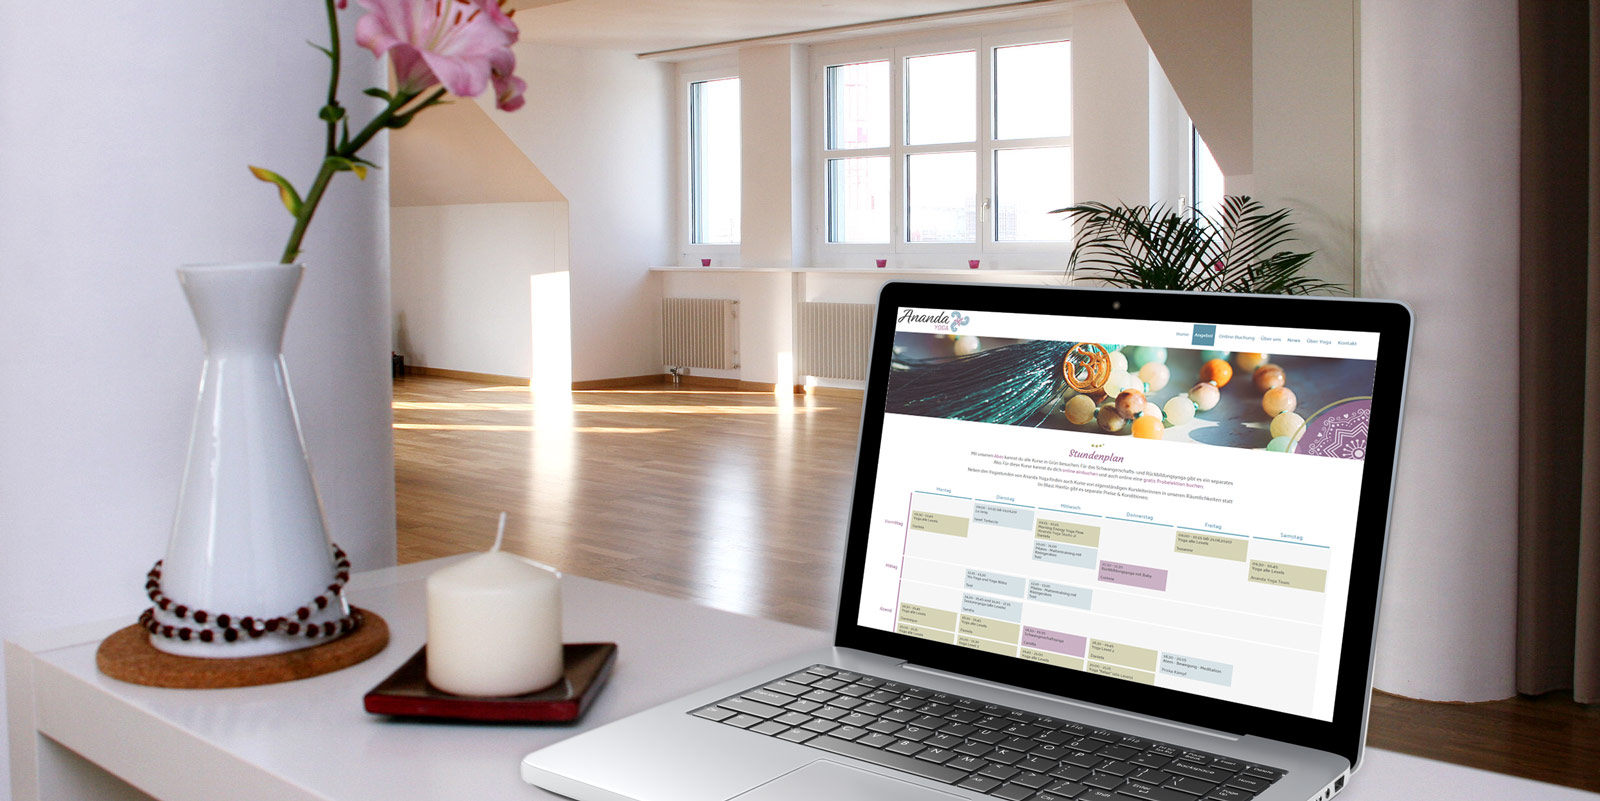 content-referenzen-details-ananda-yoga-laptop-illustration-desktop